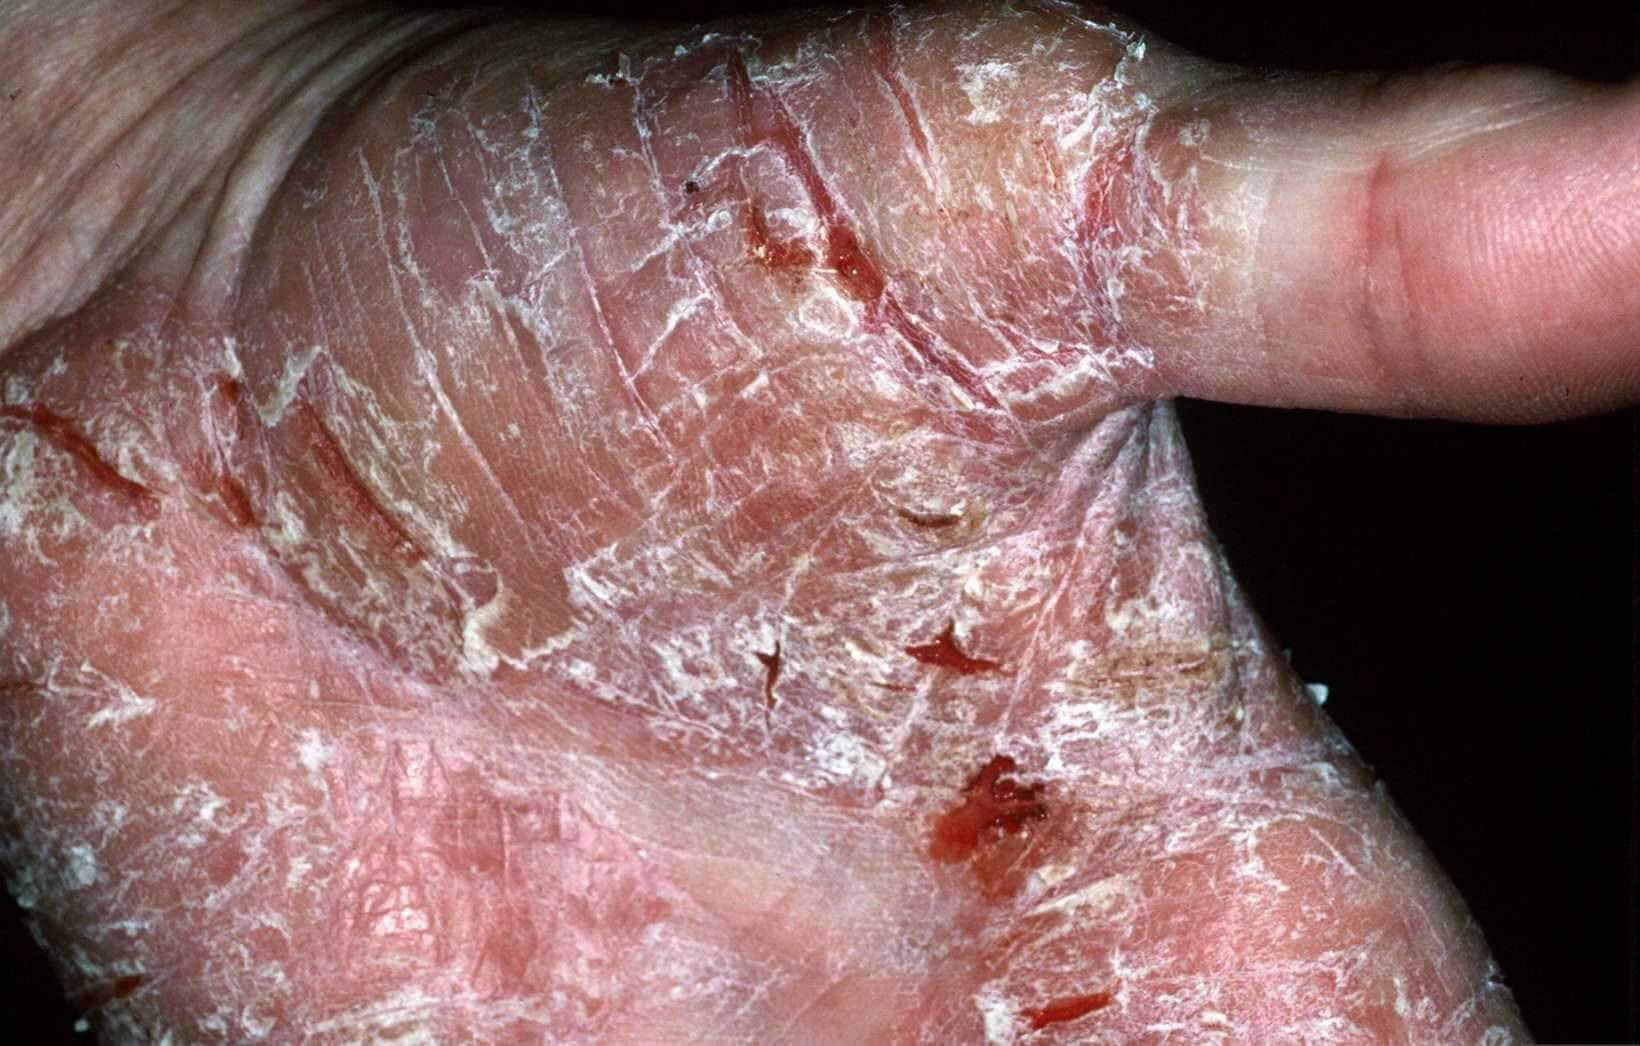 Ernstige plakkaten aan de handpalm die openscheuren en bloeden